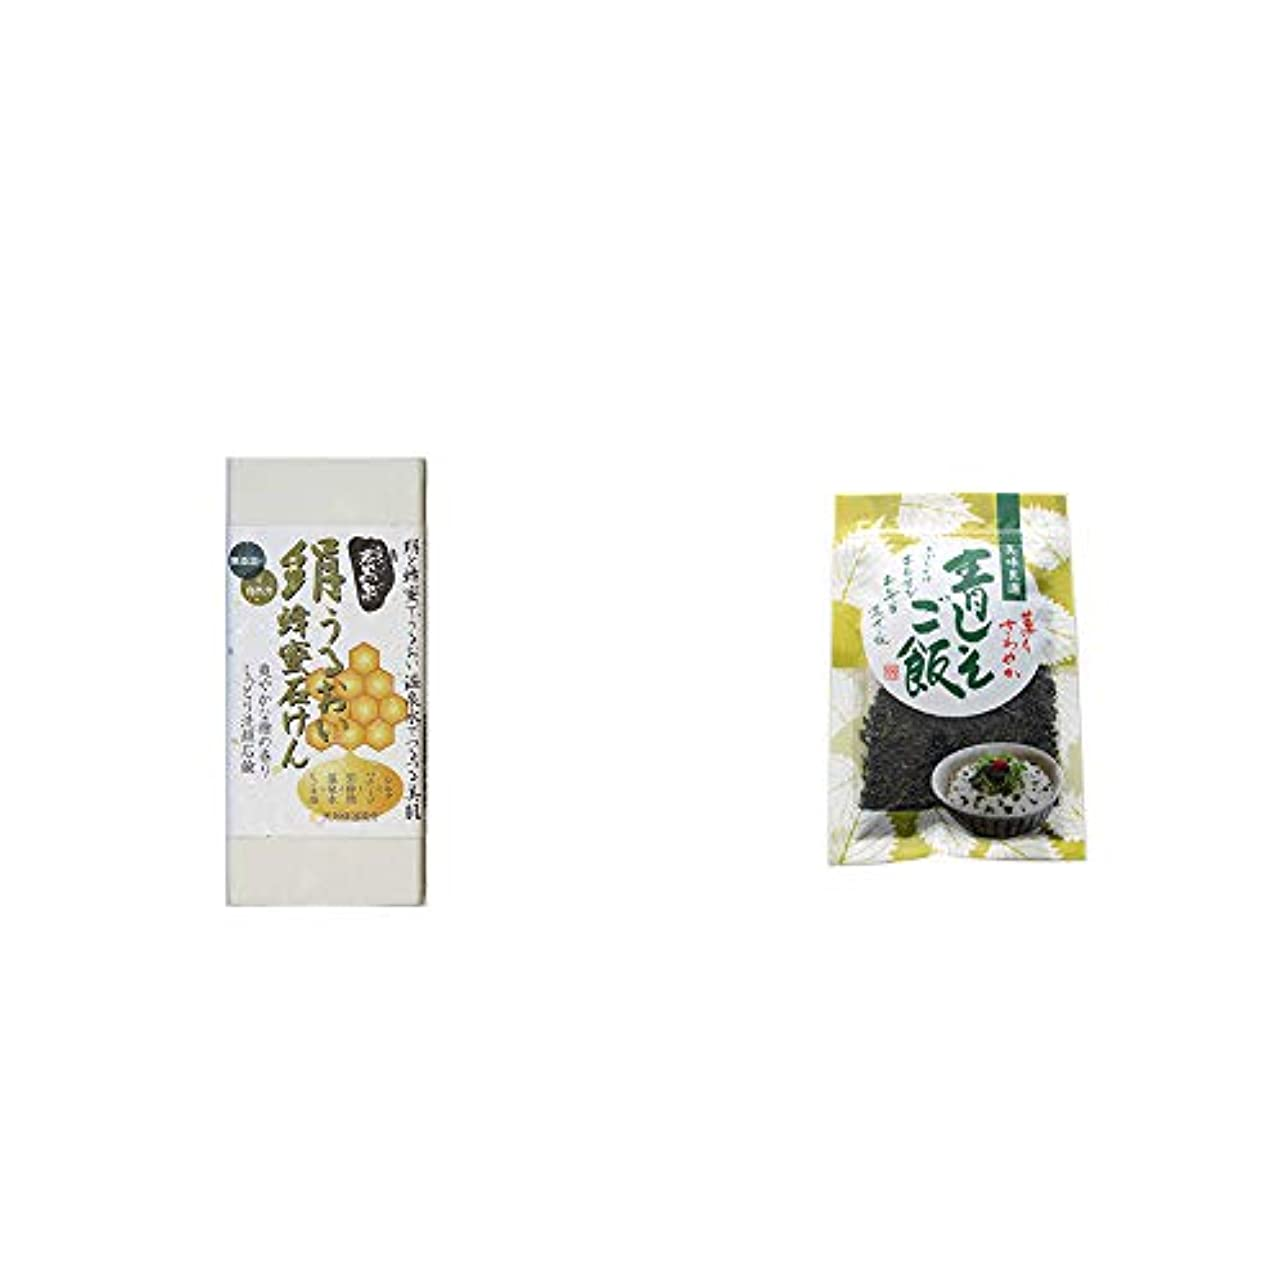 インディカ祖父母を訪問ギャップ[2点セット] ひのき炭黒泉 絹うるおい蜂蜜石けん(75g×2)?薫りさわやか 青しそご飯(80g)